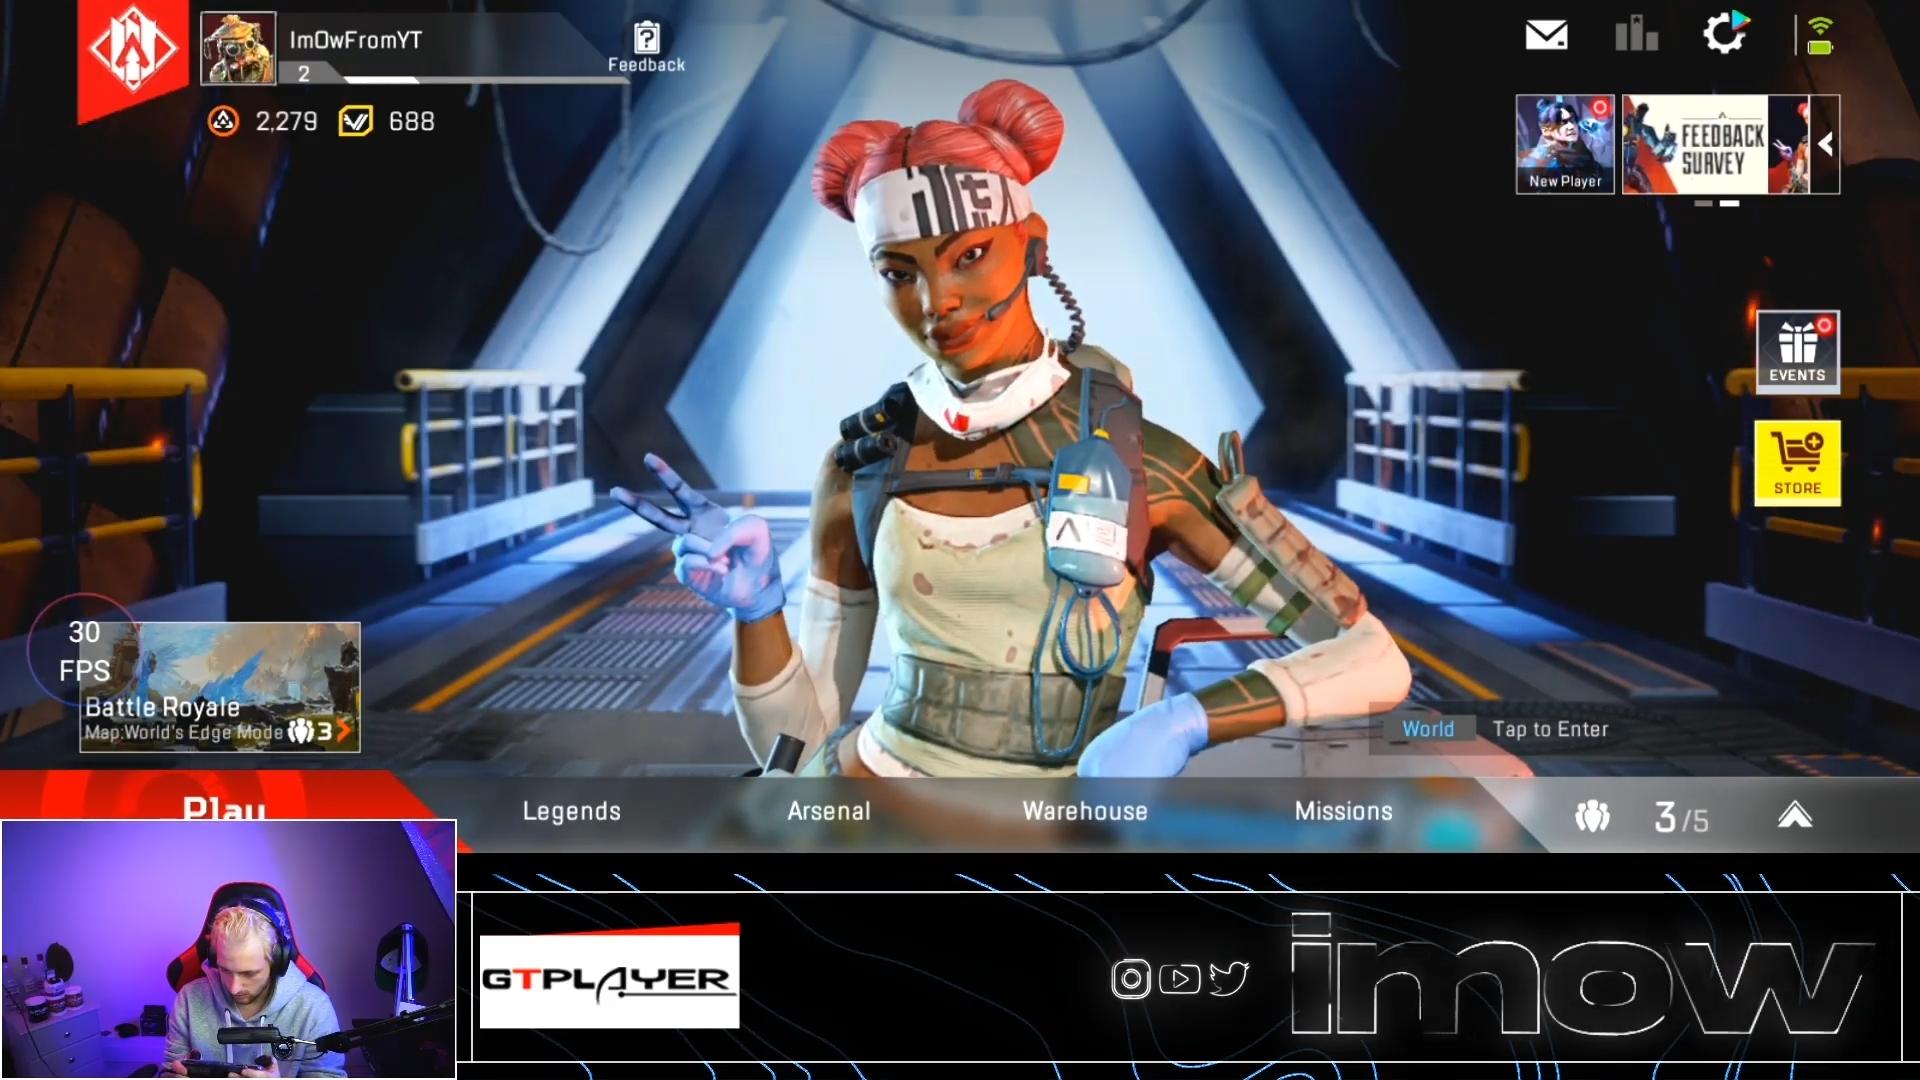 【APEX】モバイル版のエーペックスのゲームプレイ生放送動画→移動時は「3人称視点」でエイム時に「1人称視点」に切り替わる模様!